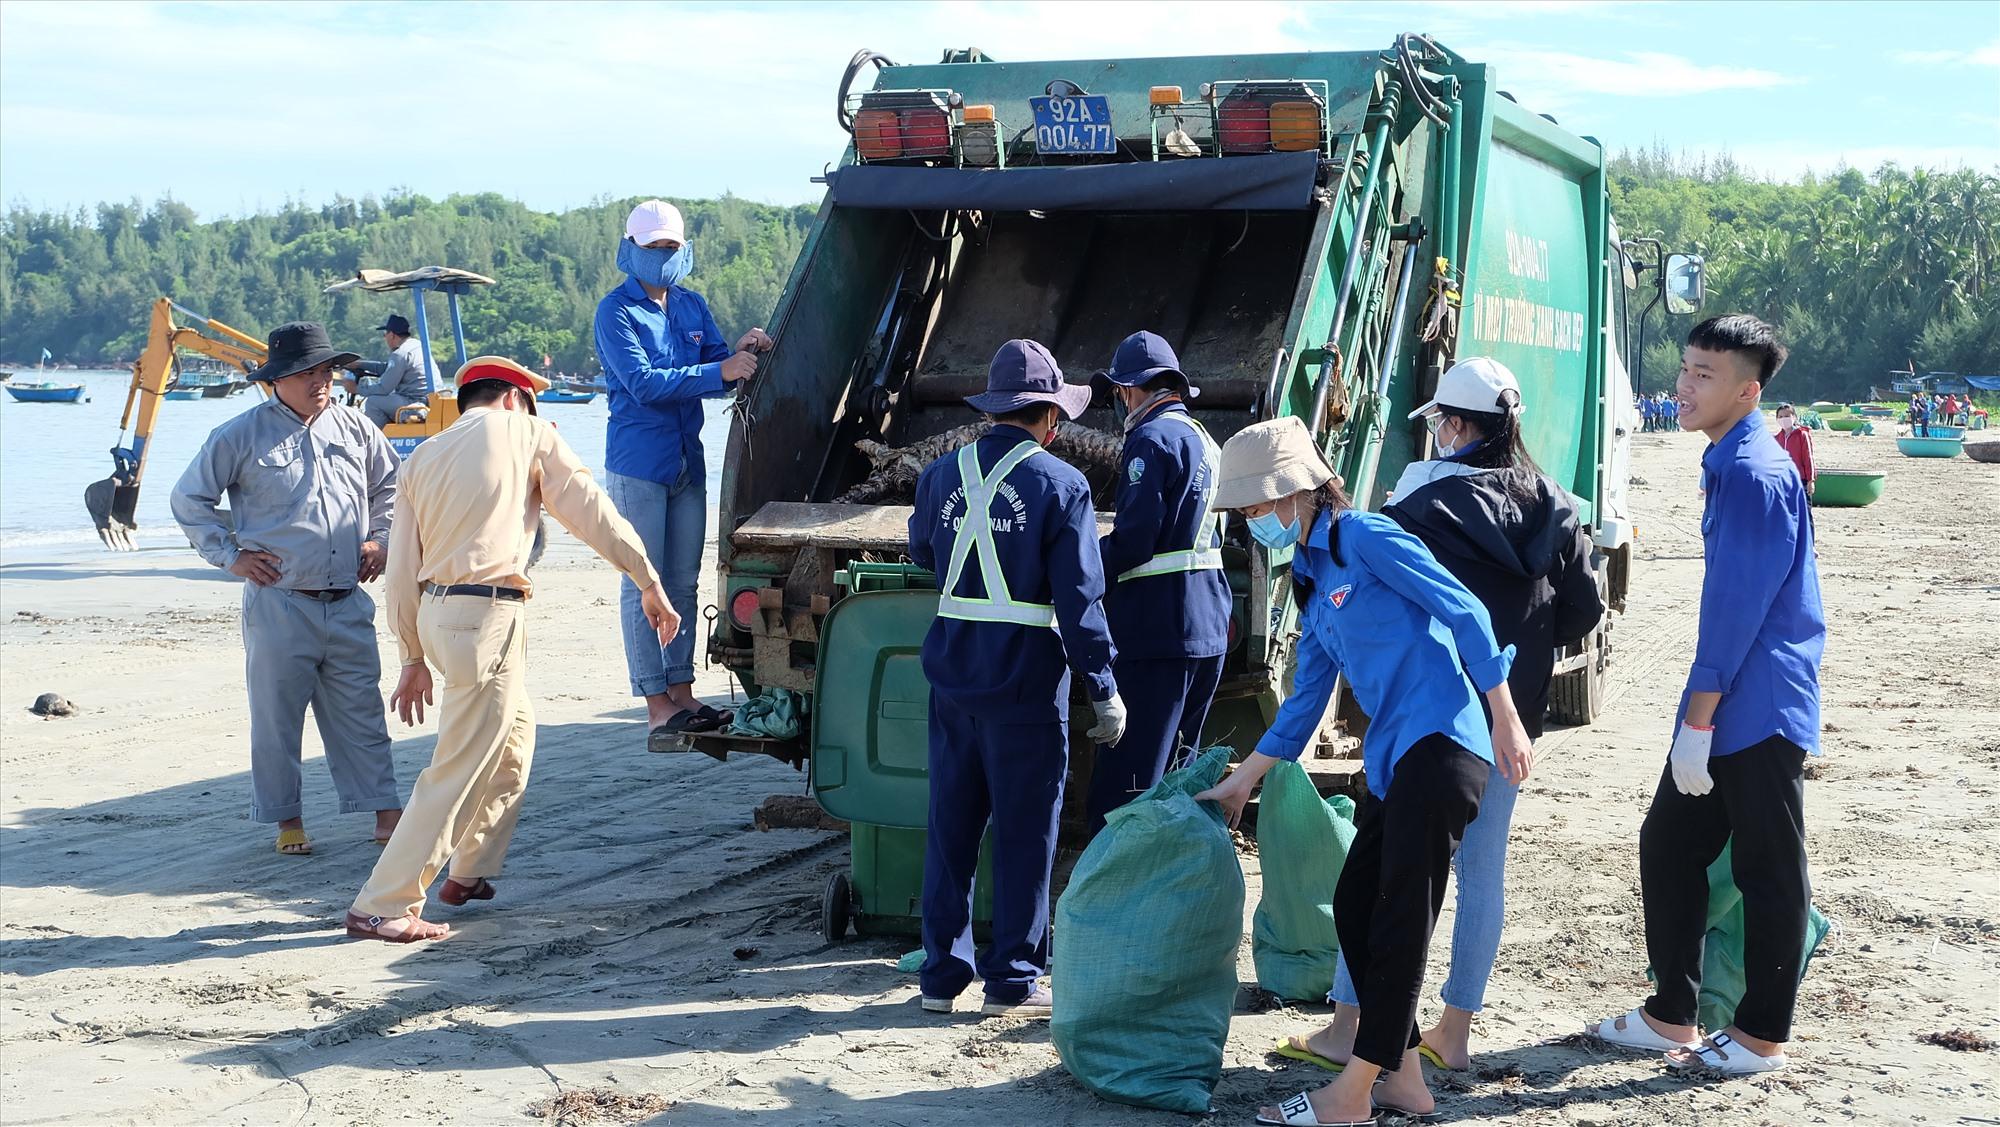 ĐVTN Quảng Nam thu gom rác thải, bảo vệ môi trường. Ảnh: A.B